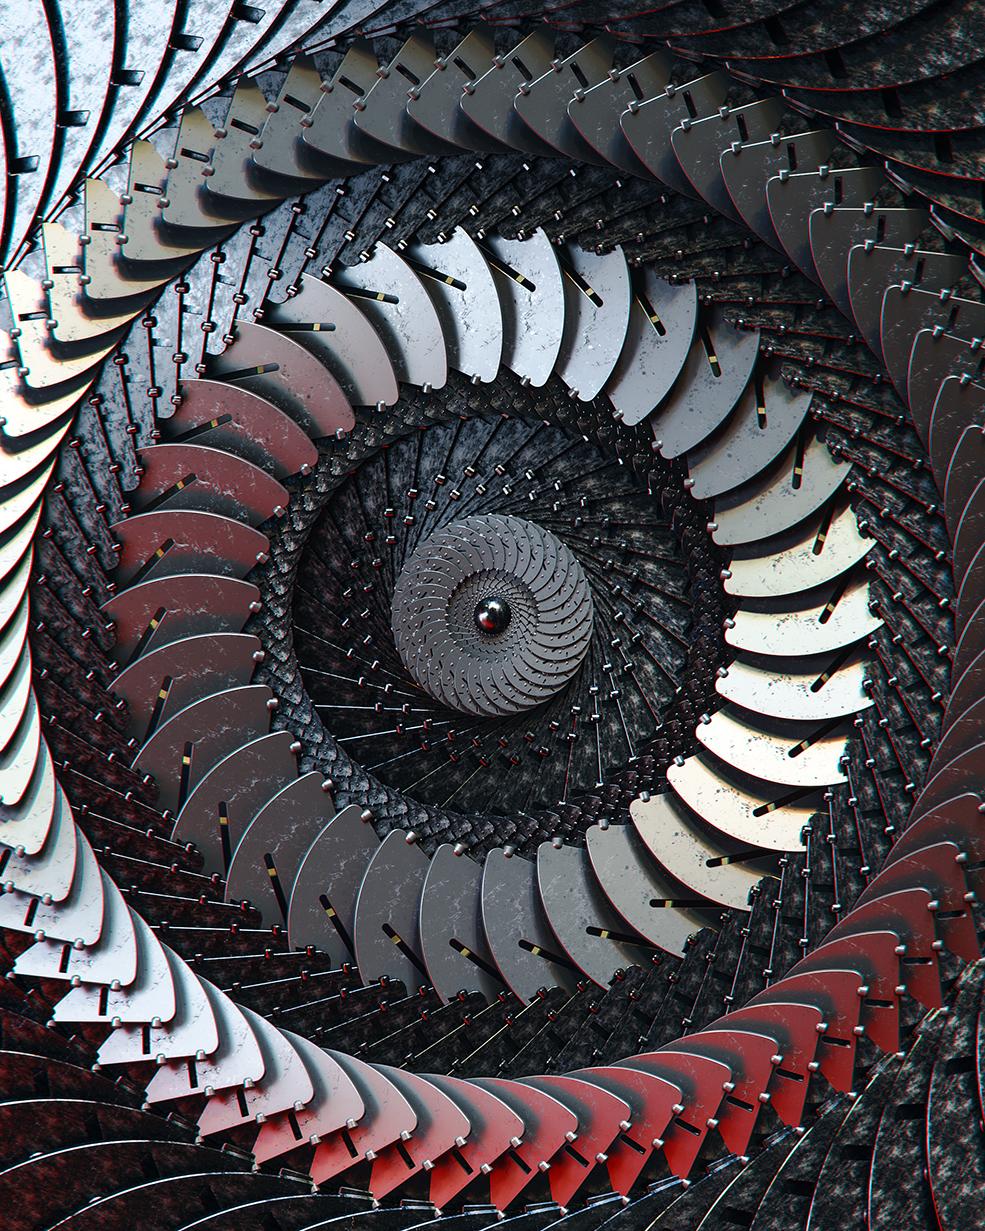 C4D旋转金属机械机器叶片动作场景环境模型工程3D三维素材